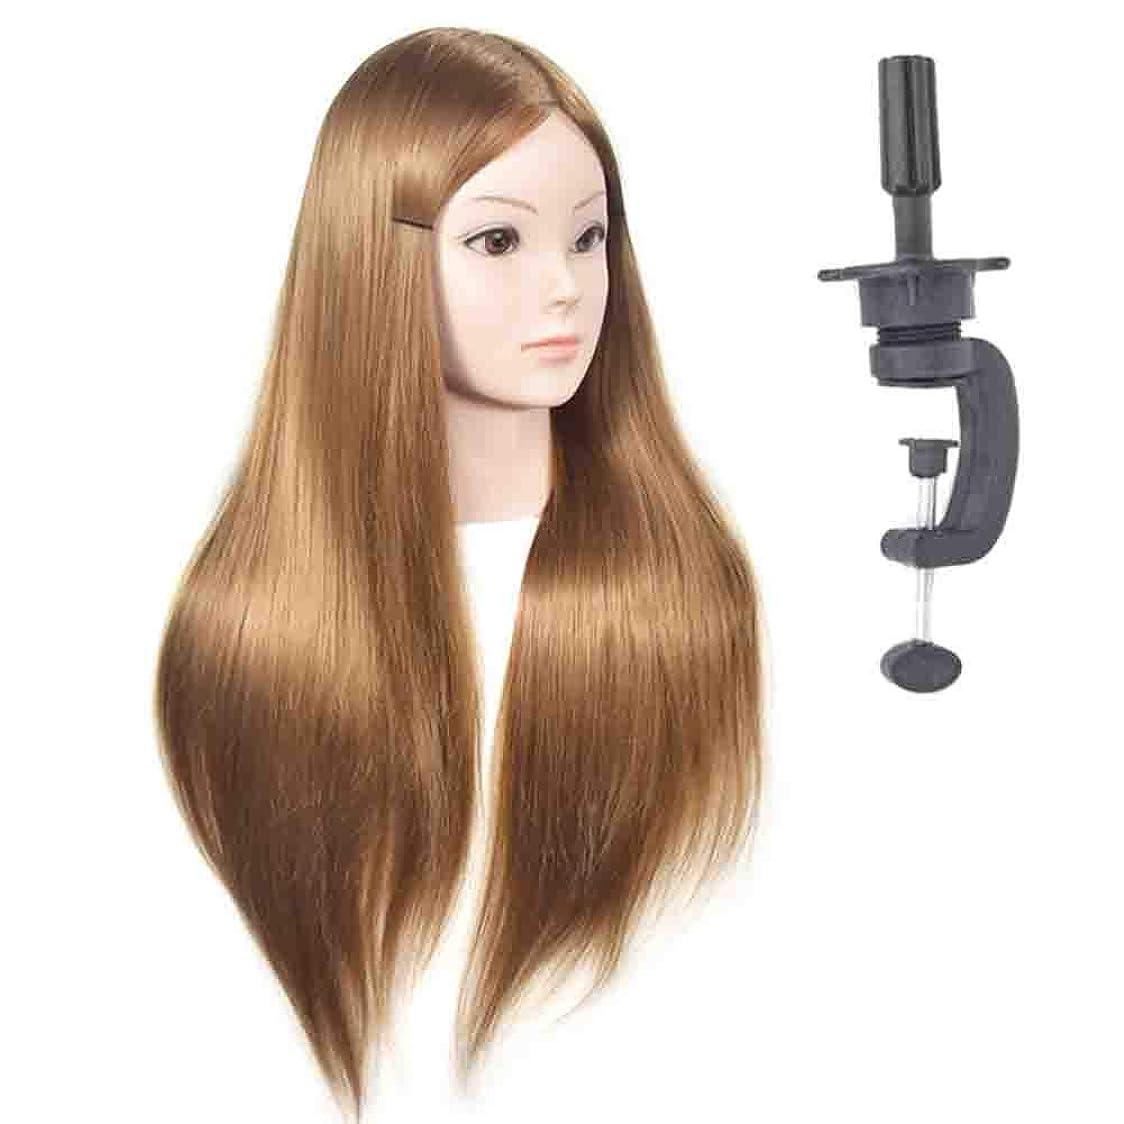 隠すベアリングサークル交通渋滞ゴールデンプラクティスマネキンヘッドブライダルメイクスタイリングプラクティスダミーヘッドヘアサロン散髪指導ヘッドは染めることができます漂白